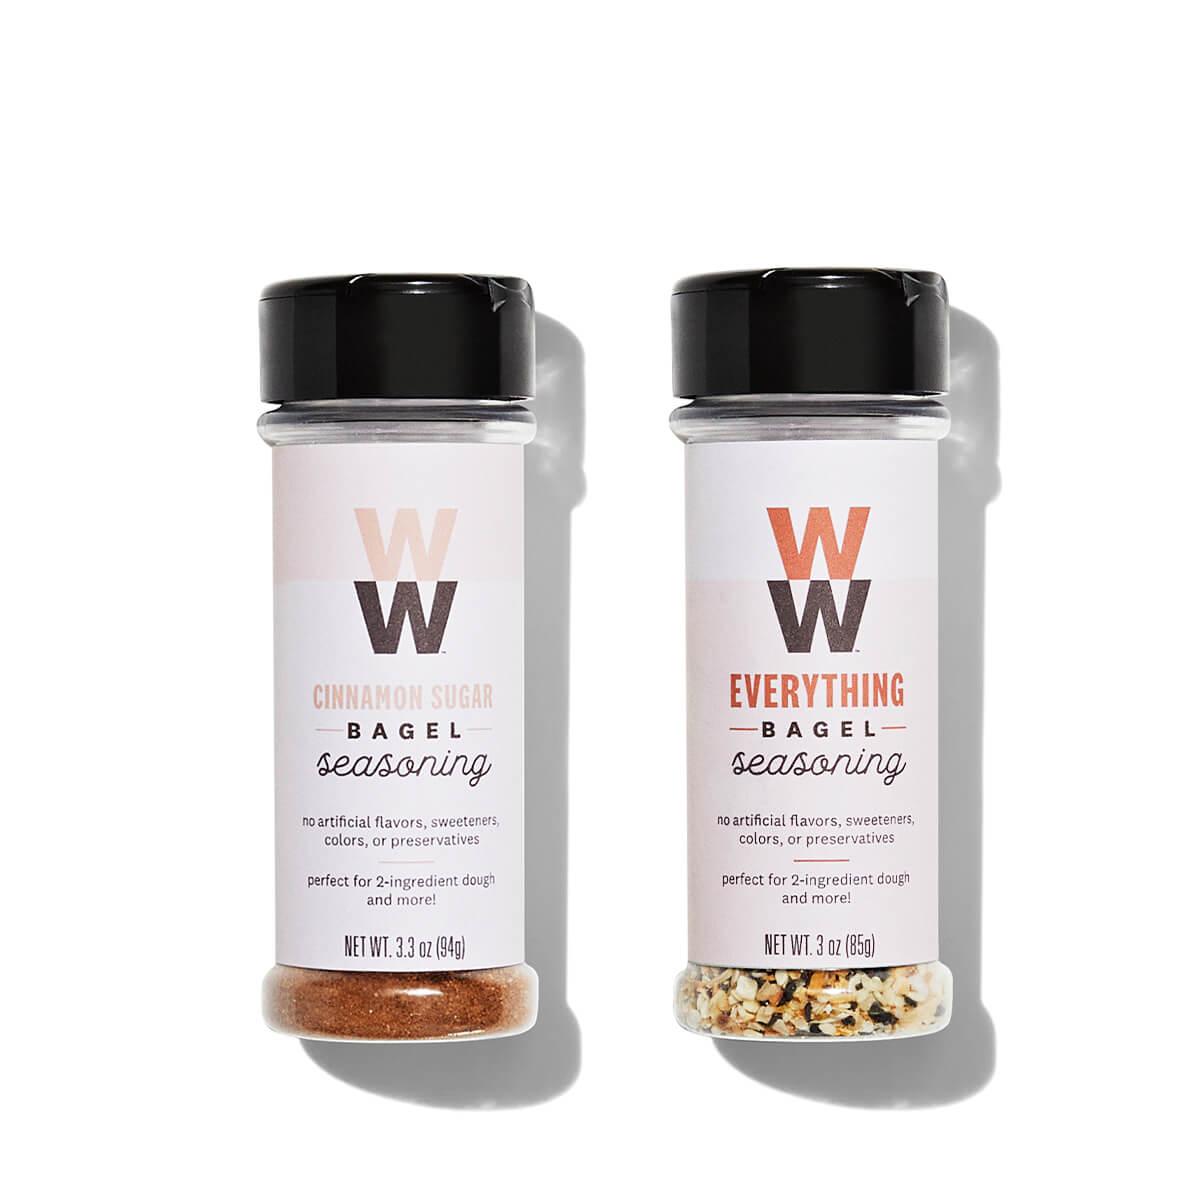 2 Ingredient Bagel Kit - seasoning